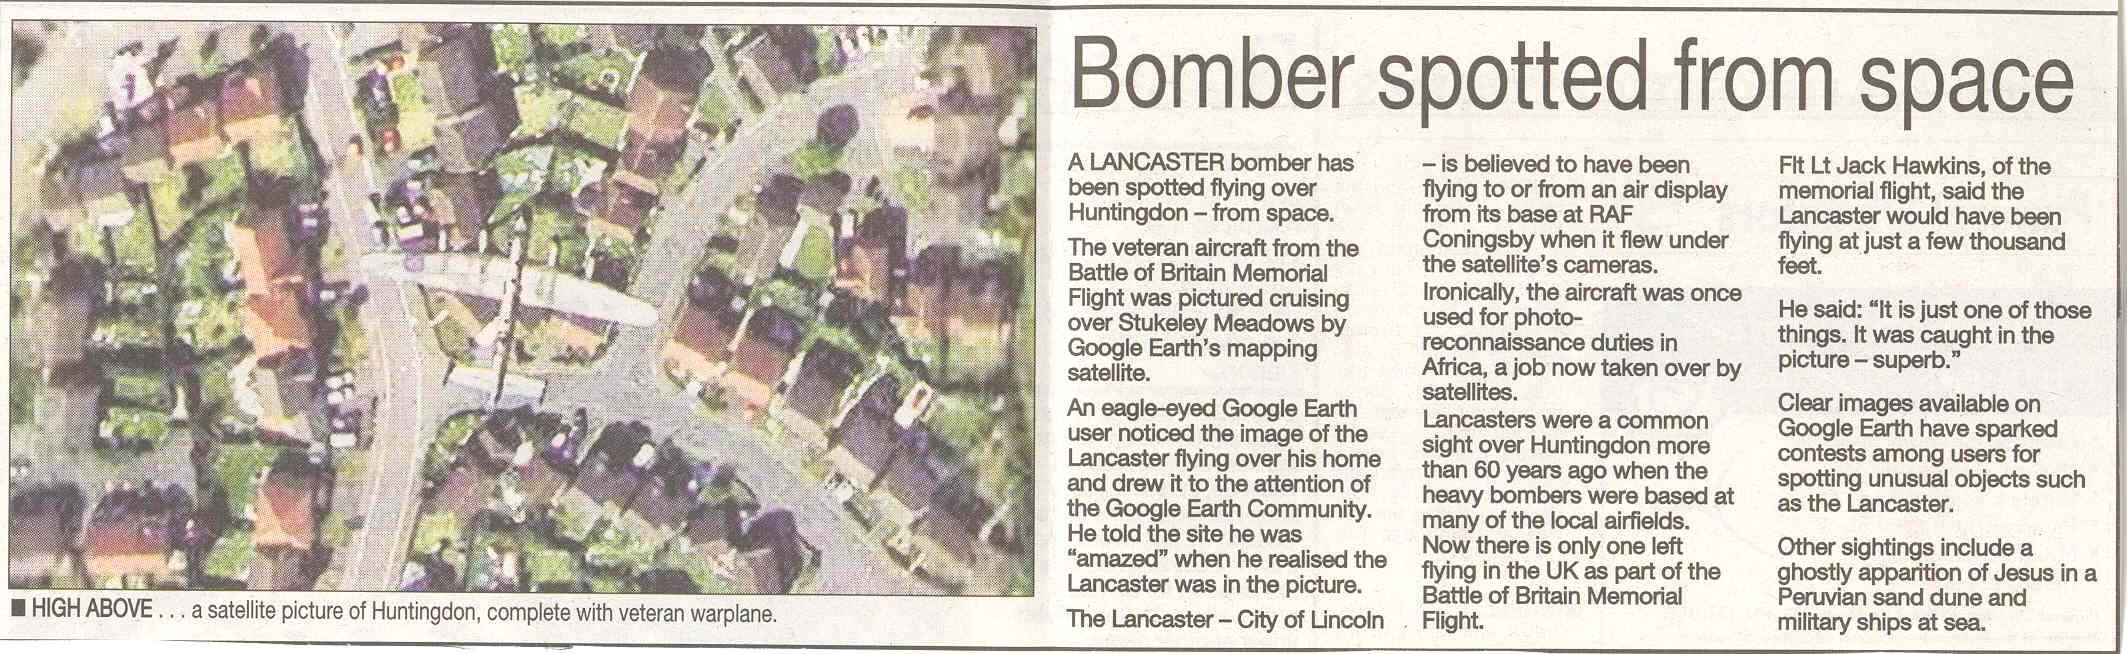 Lancaster bomber caught by Google Earth flying over Stukeley